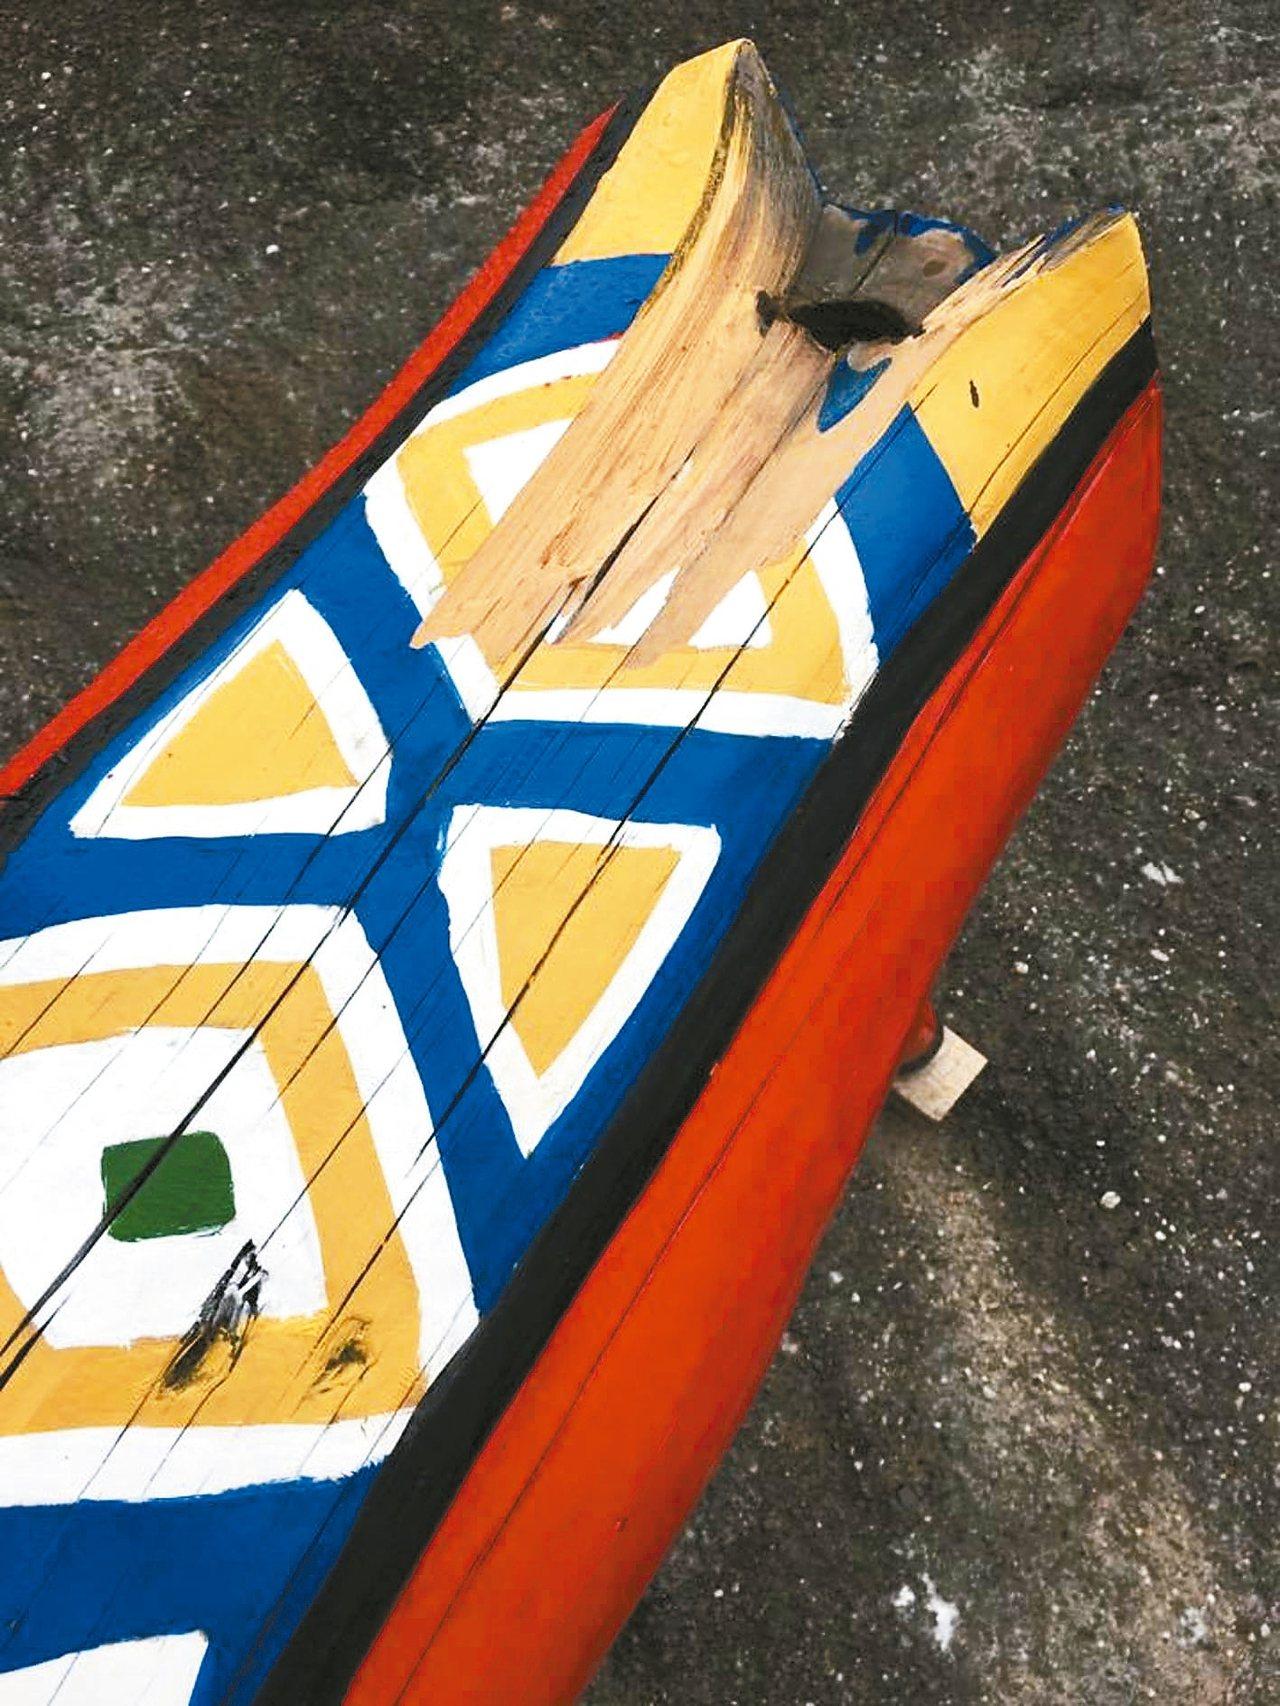 羊尾巴被外力拉扯。 圖/比西里岸部落PawPaw鼓樂團提供